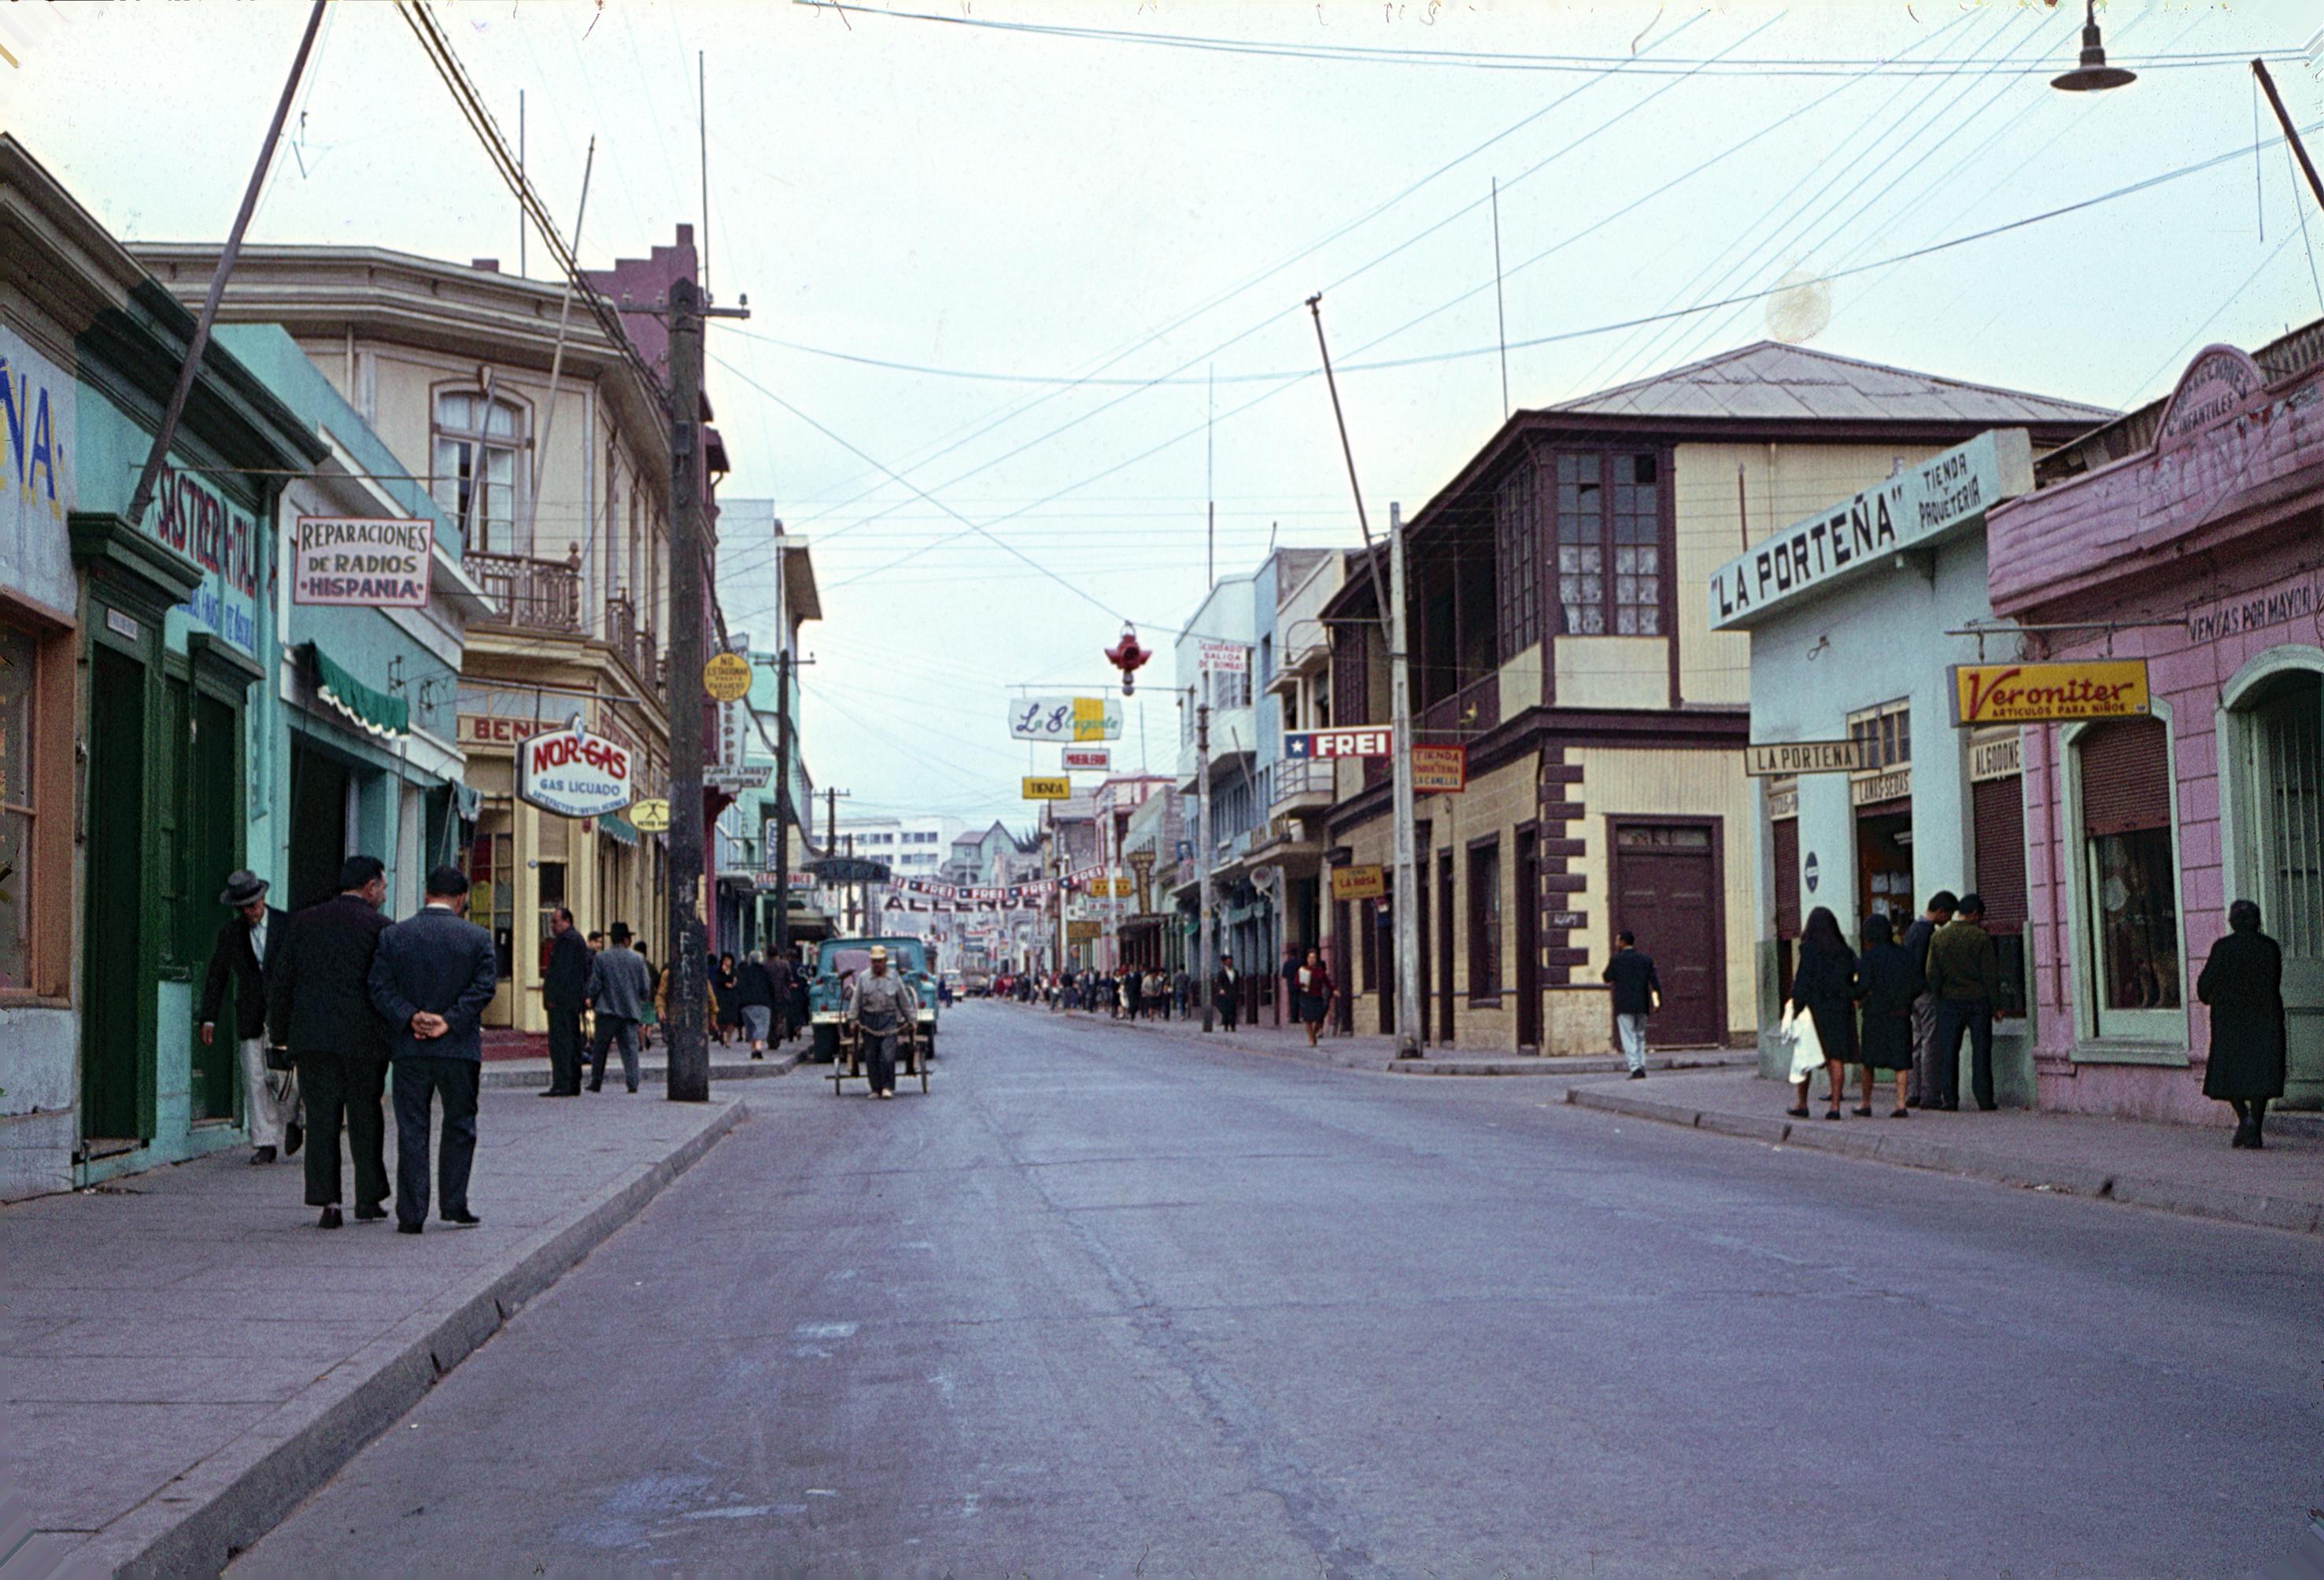 Enterreno - Fotos históricas de chile - fotos antiguas de Chile - Calle Aldunate en Coquimbo decada del 60